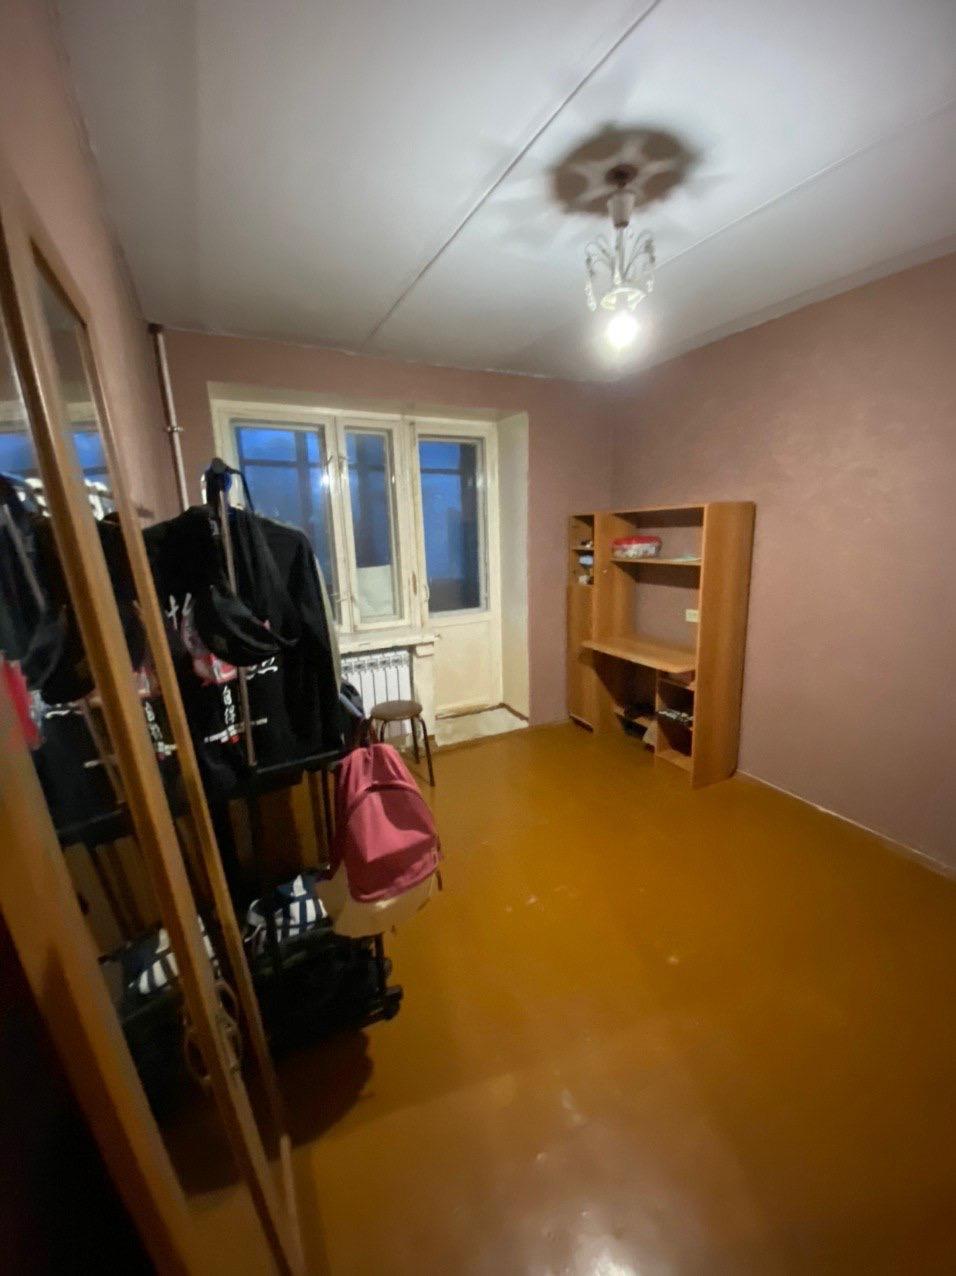 Квартира на продажу по адресу Россия, Татарстан респ, Казань, Серова улица, 35